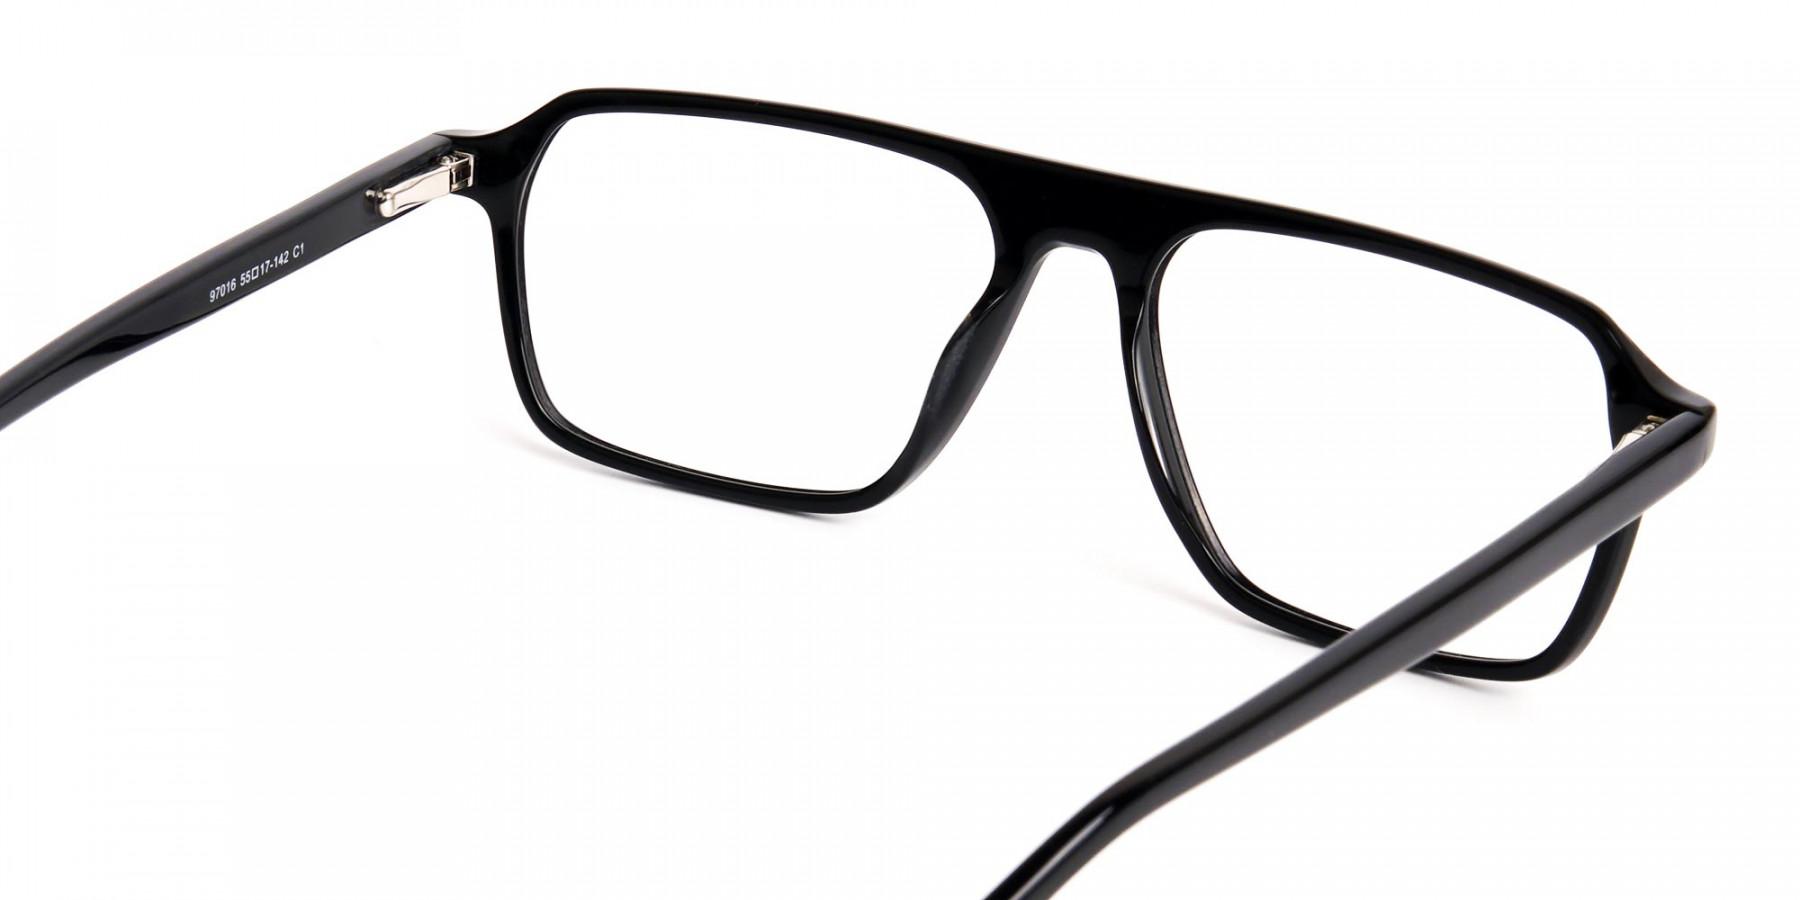 Dark-Black-Rectangular-Full-Rim-Glasses-frames-1